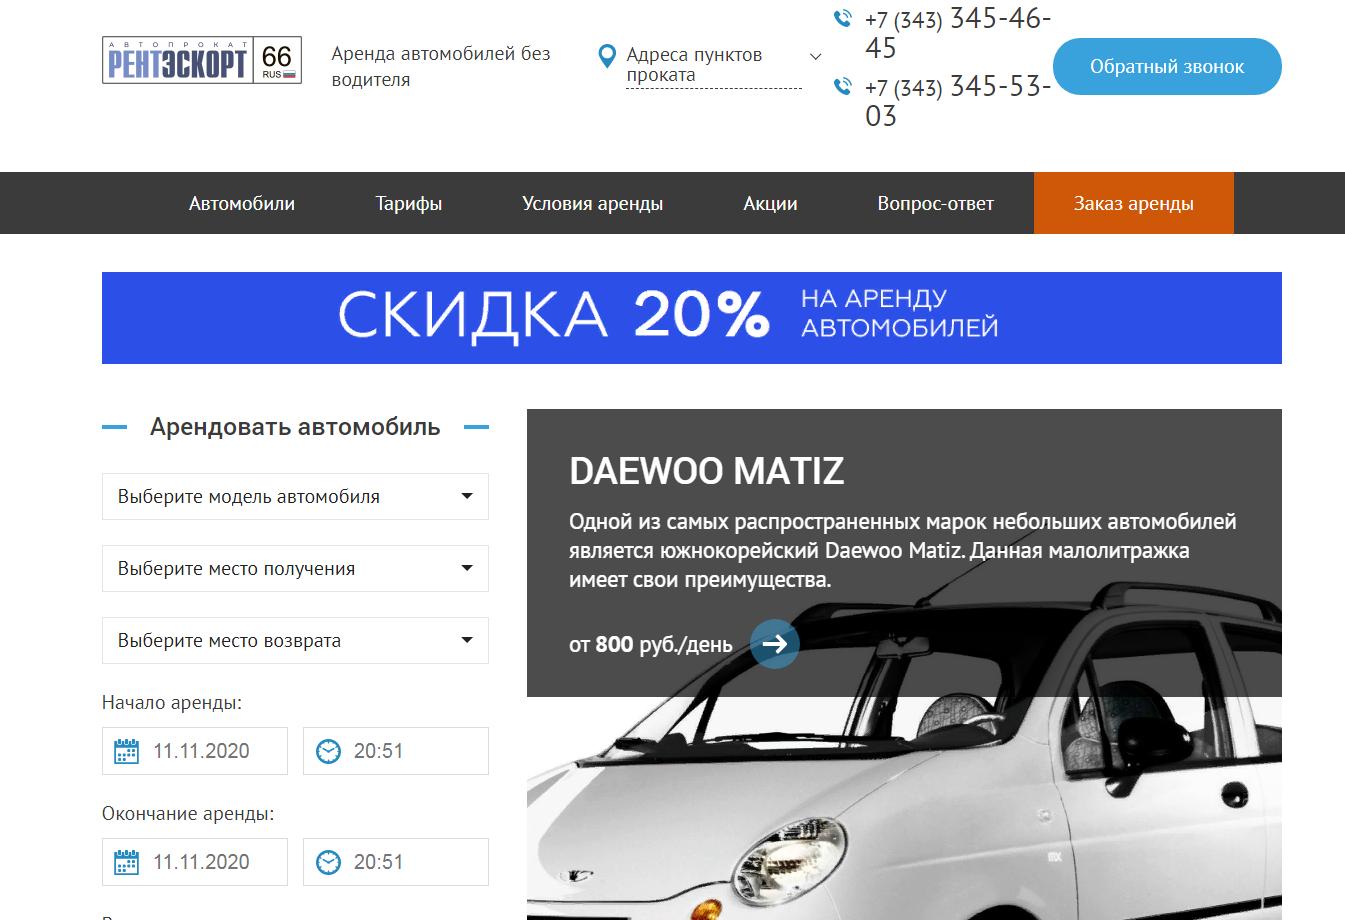 взять машину в аренду в москве от частного лица